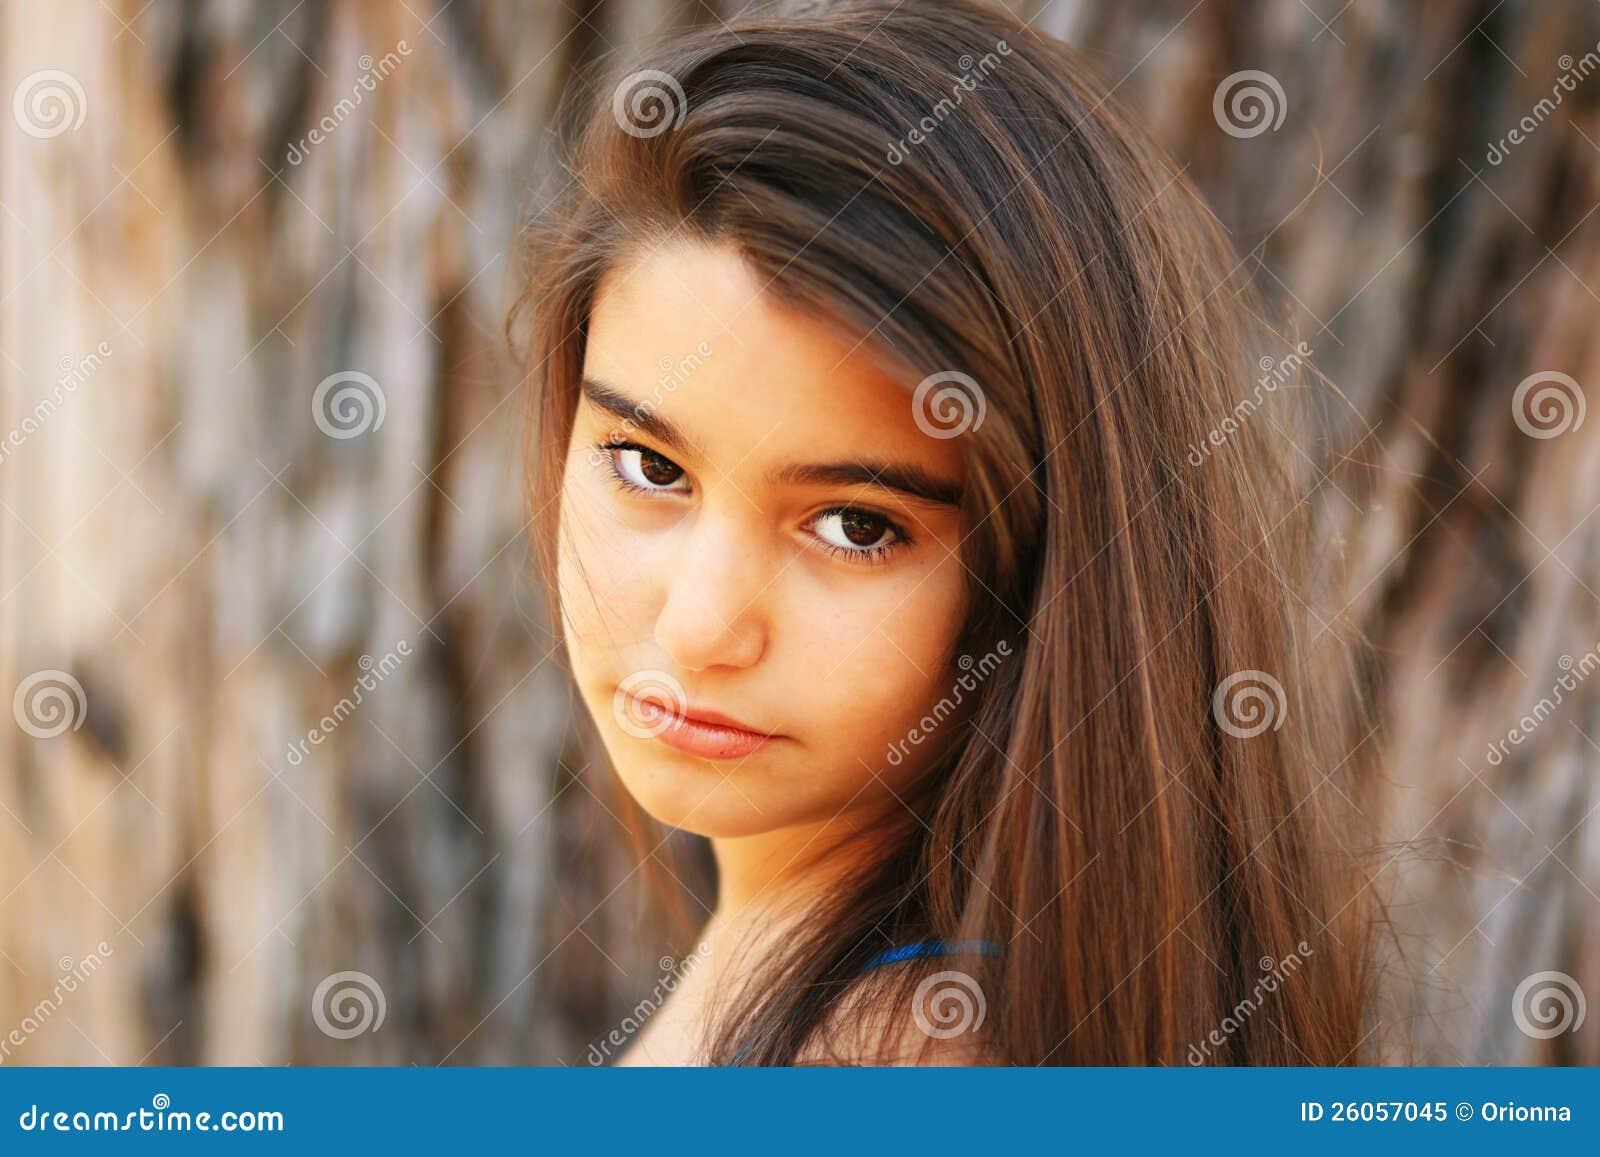 Brunette Cute 116